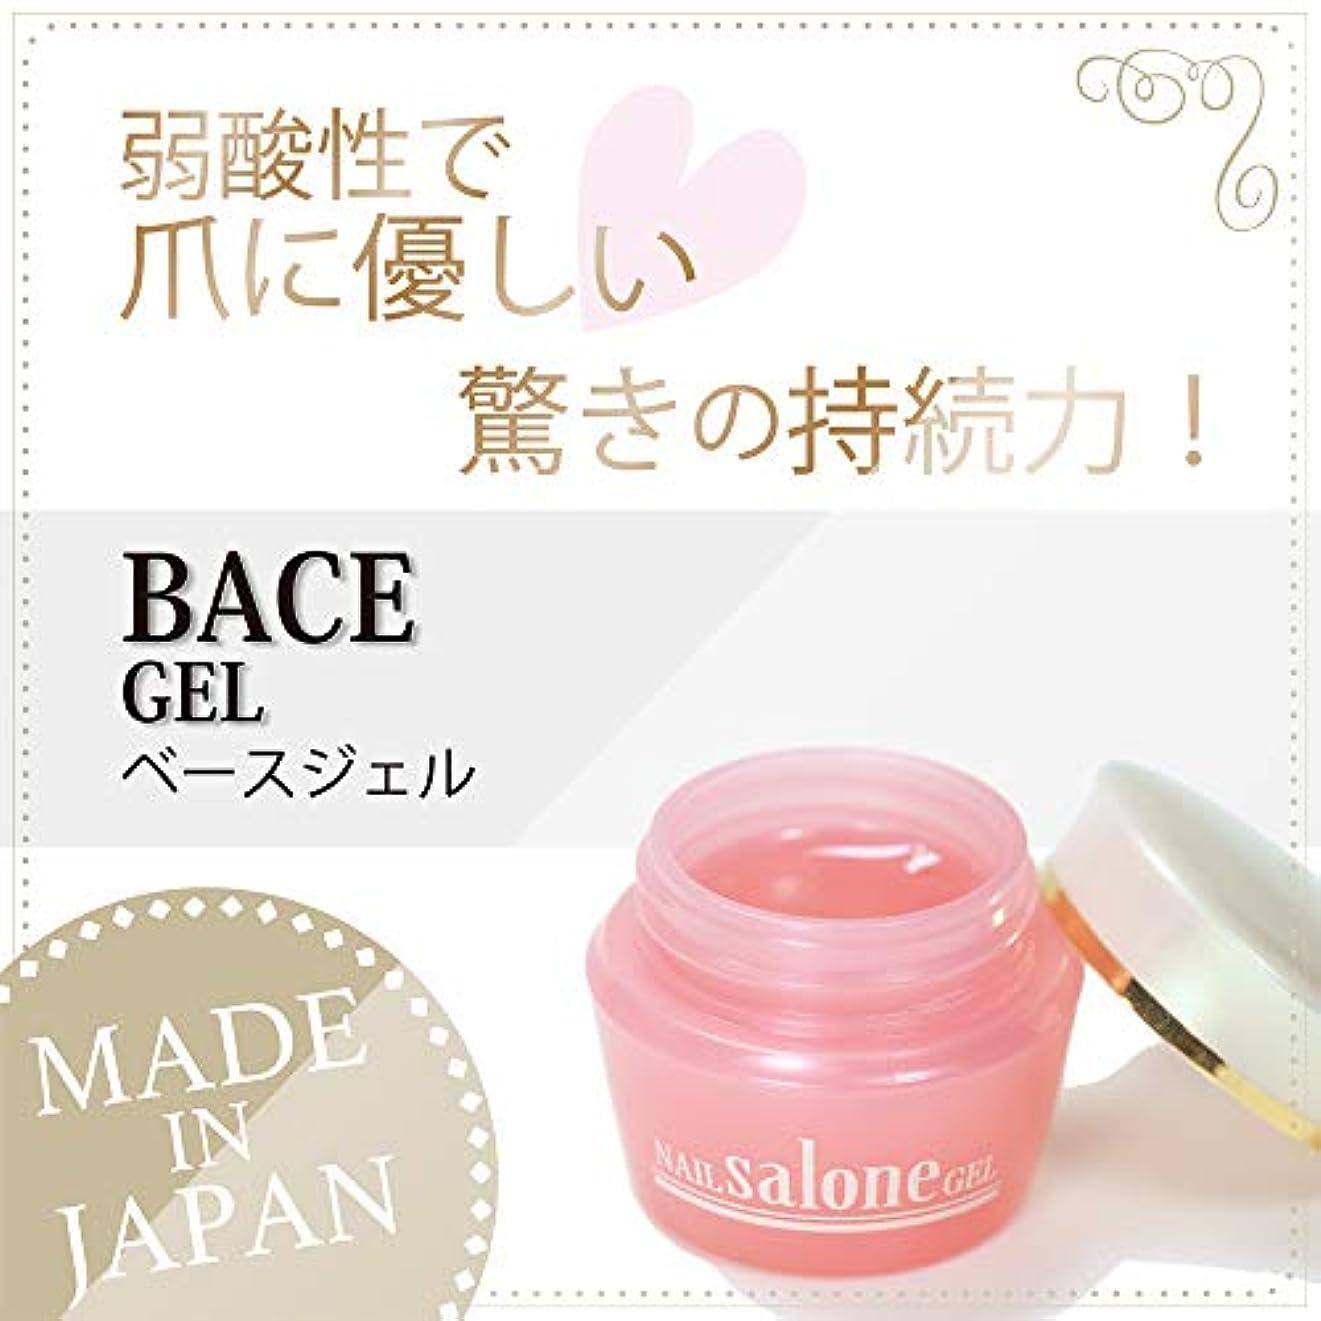 織るレビューこどもの宮殿Salone gel サローネ ベースジェル 爪に優しい 日本製 驚きの密着力 リムーバーでオフも簡単3g